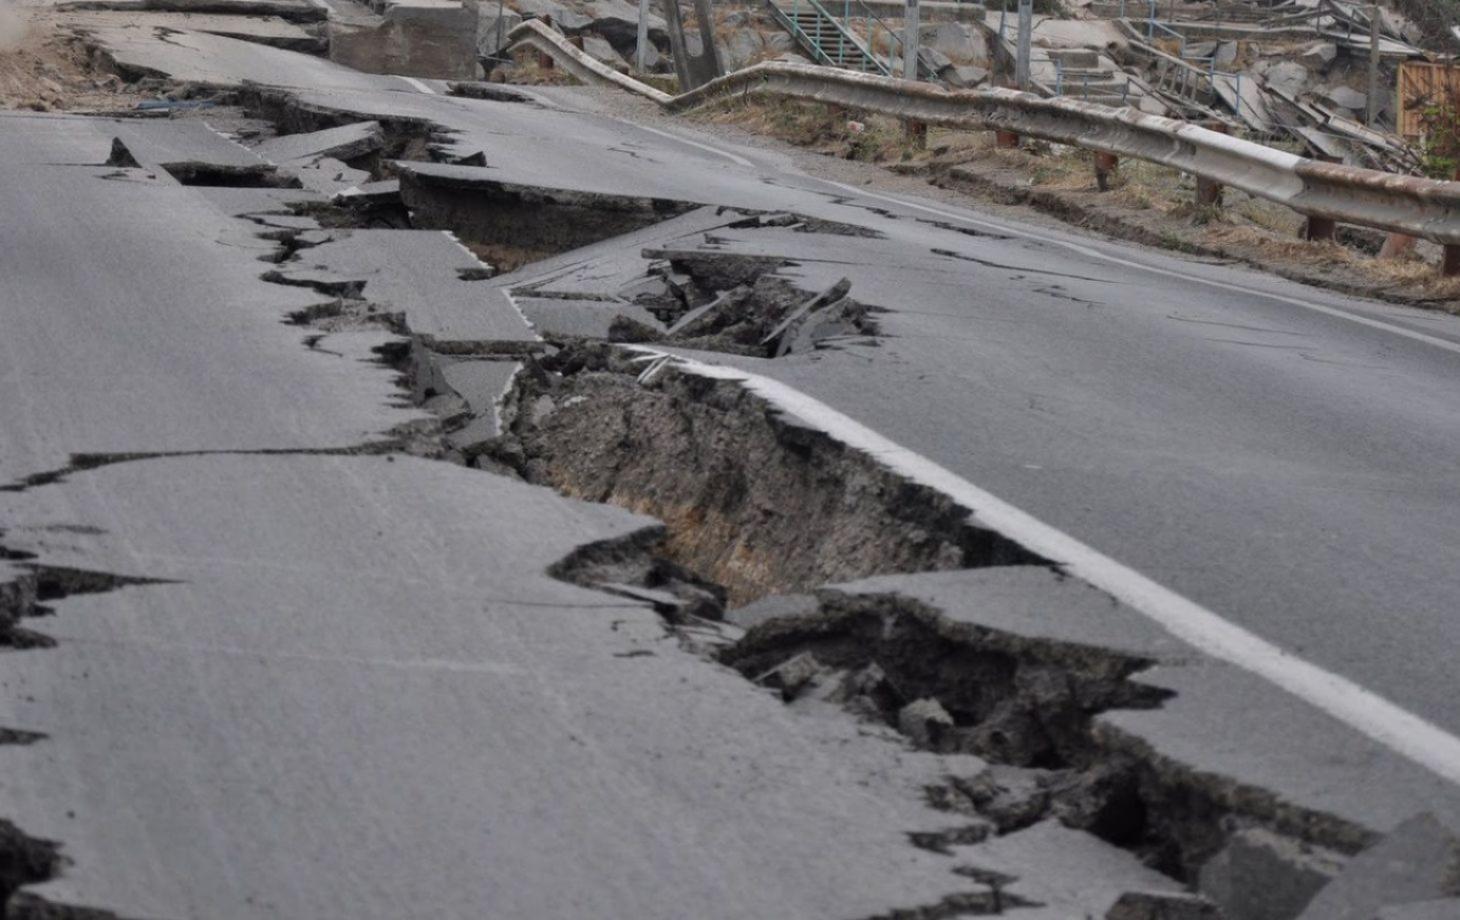 ЭТО ЗНАК! После взрывов военных складов в Украину пришло землетрясение! Подробности